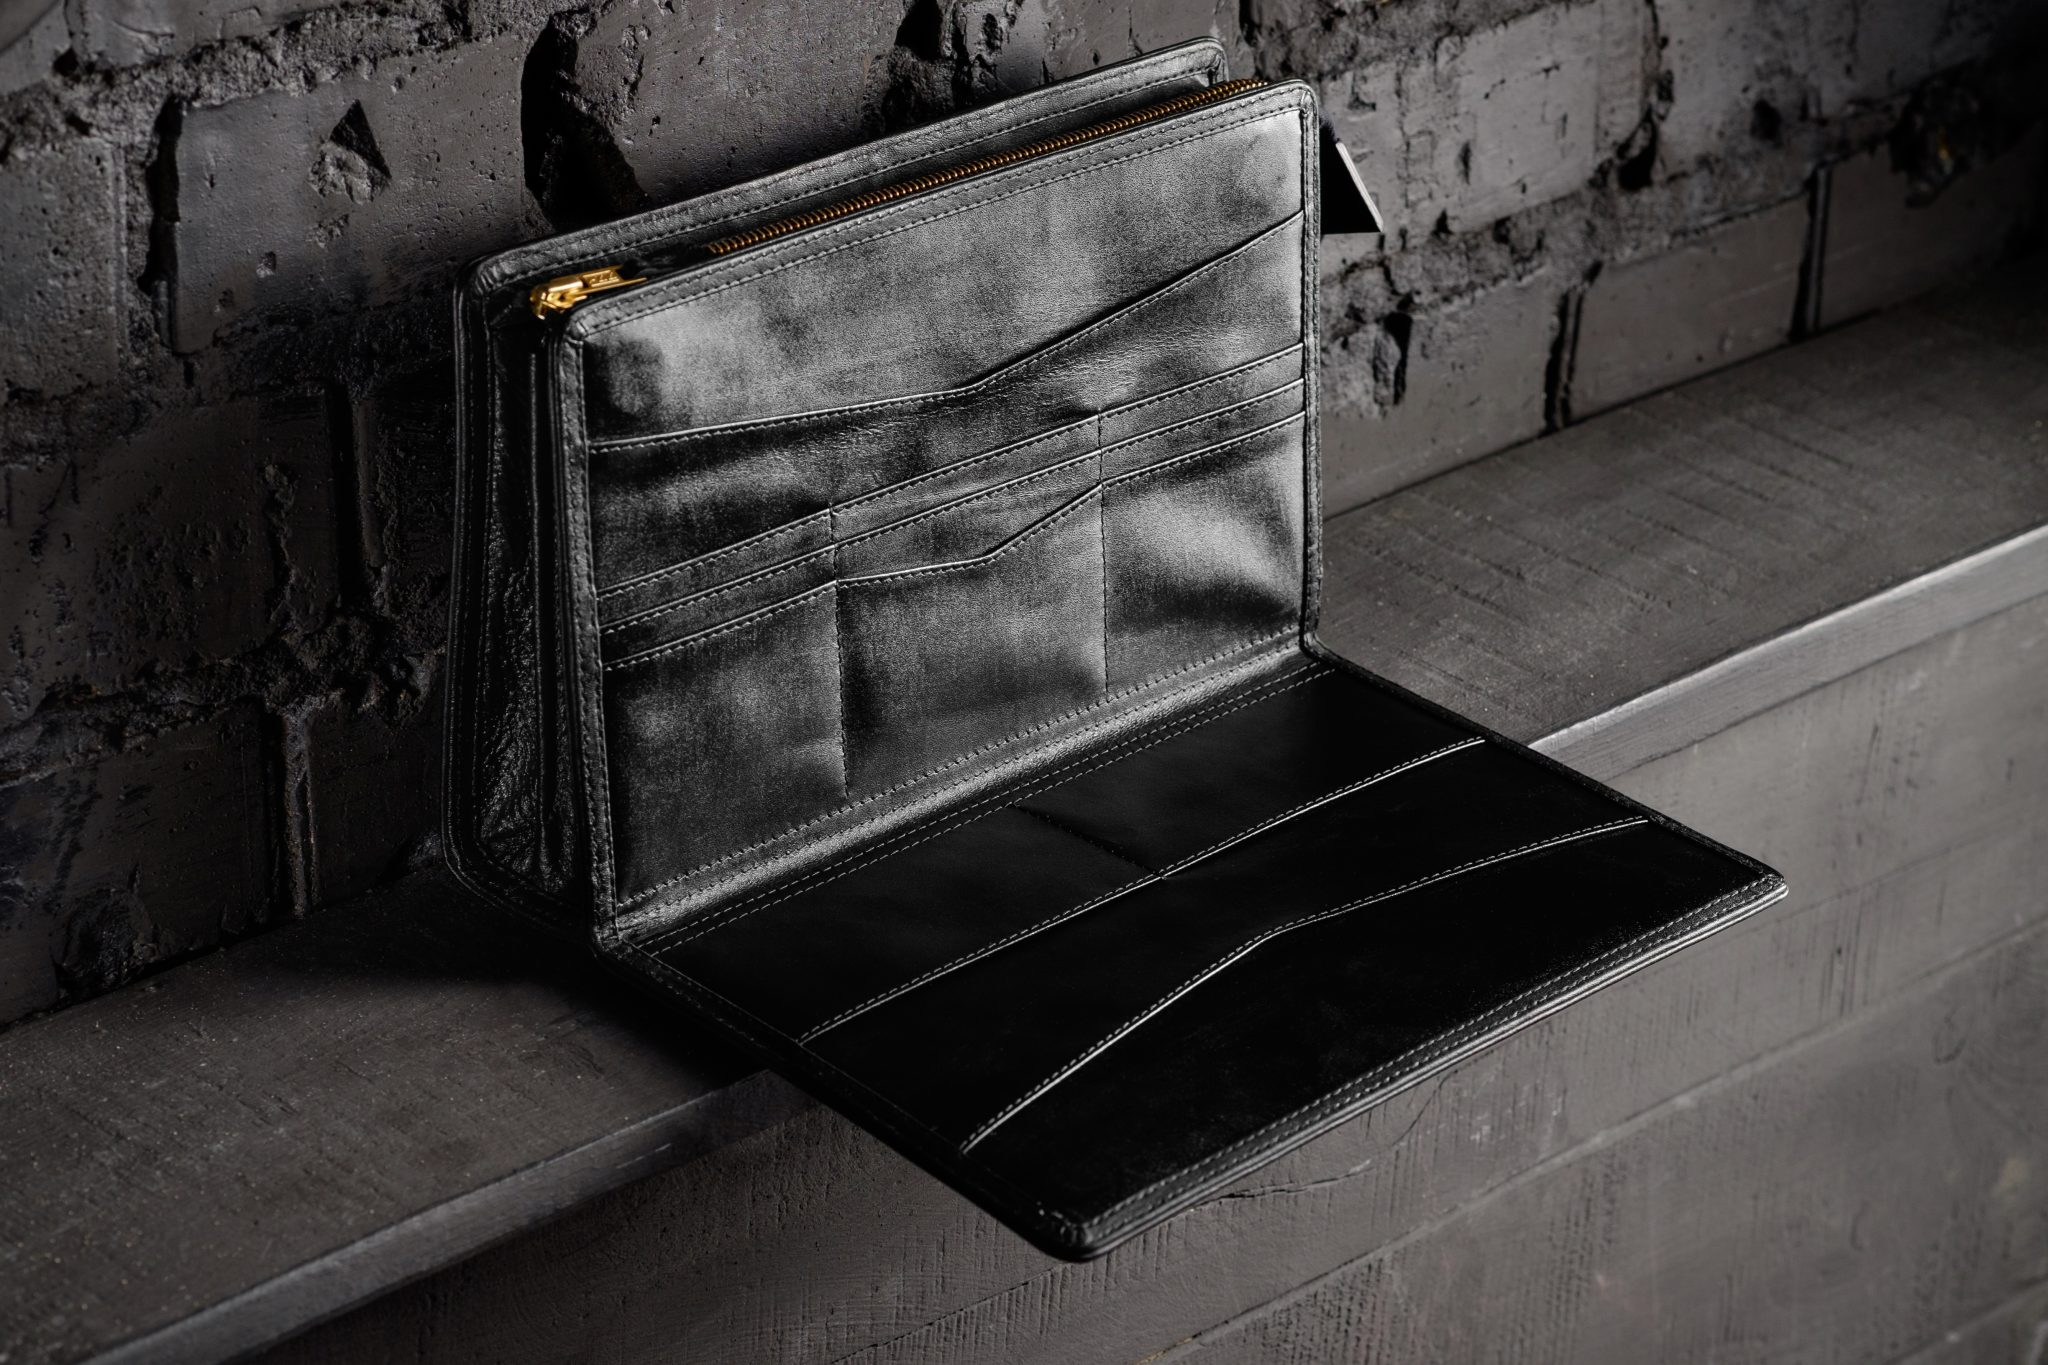 Портфолио по предметной съемке, сумки из кожи